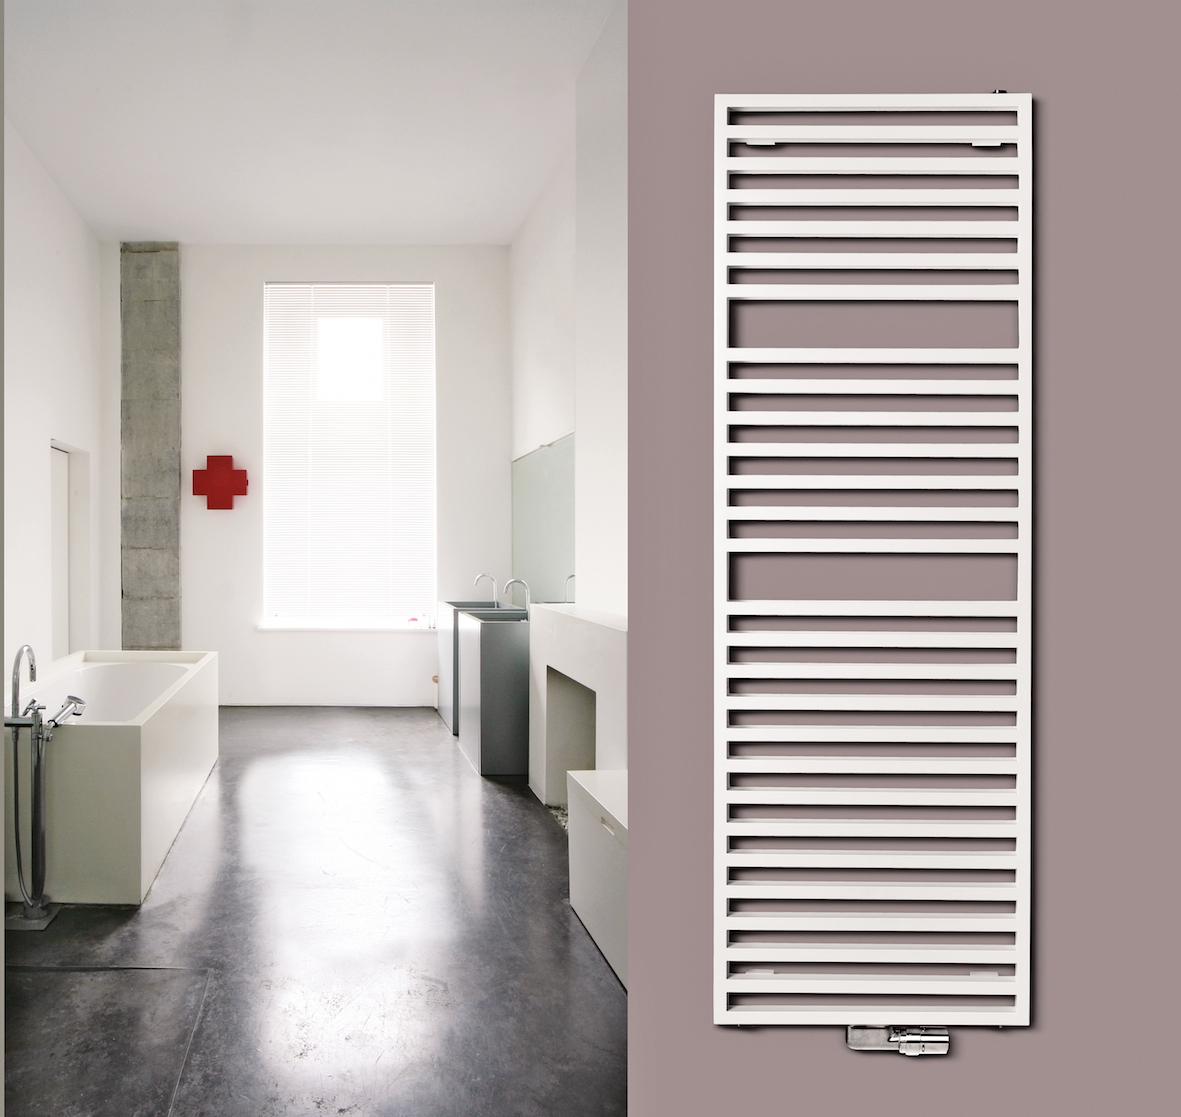 Full Size of Dezenter Heizkrper Heizkörper Bad Badezimmer Wohnzimmer Für Elektroheizkörper Wohnzimmer Vasco Heizkörper